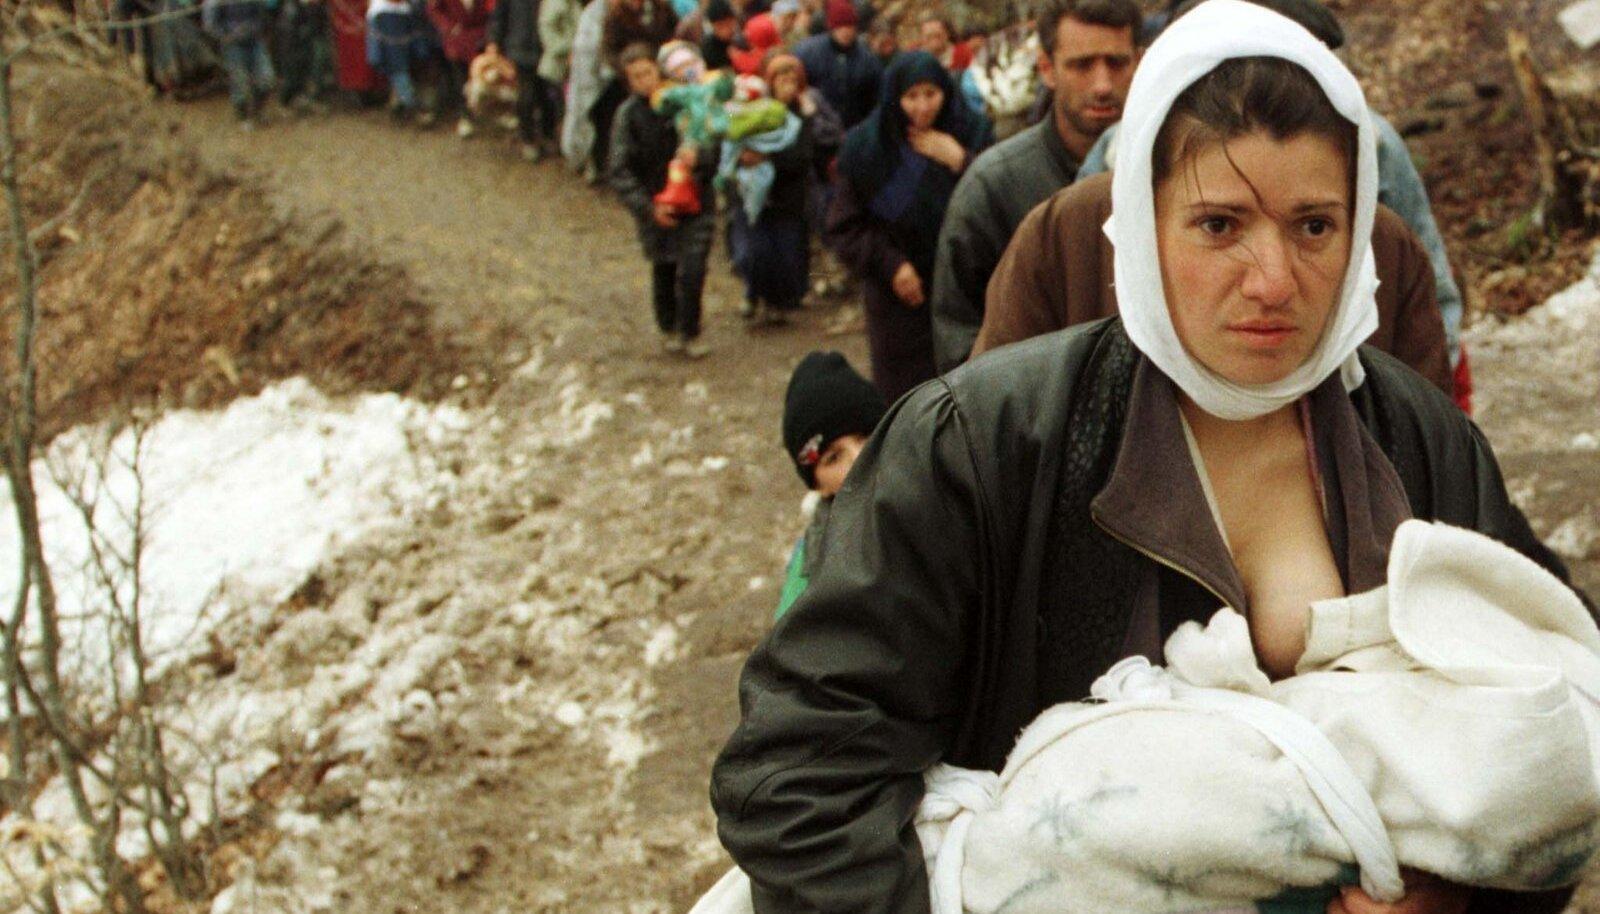 Sõjapõgenikku liikuma panev jõud on soov ellu jääda.